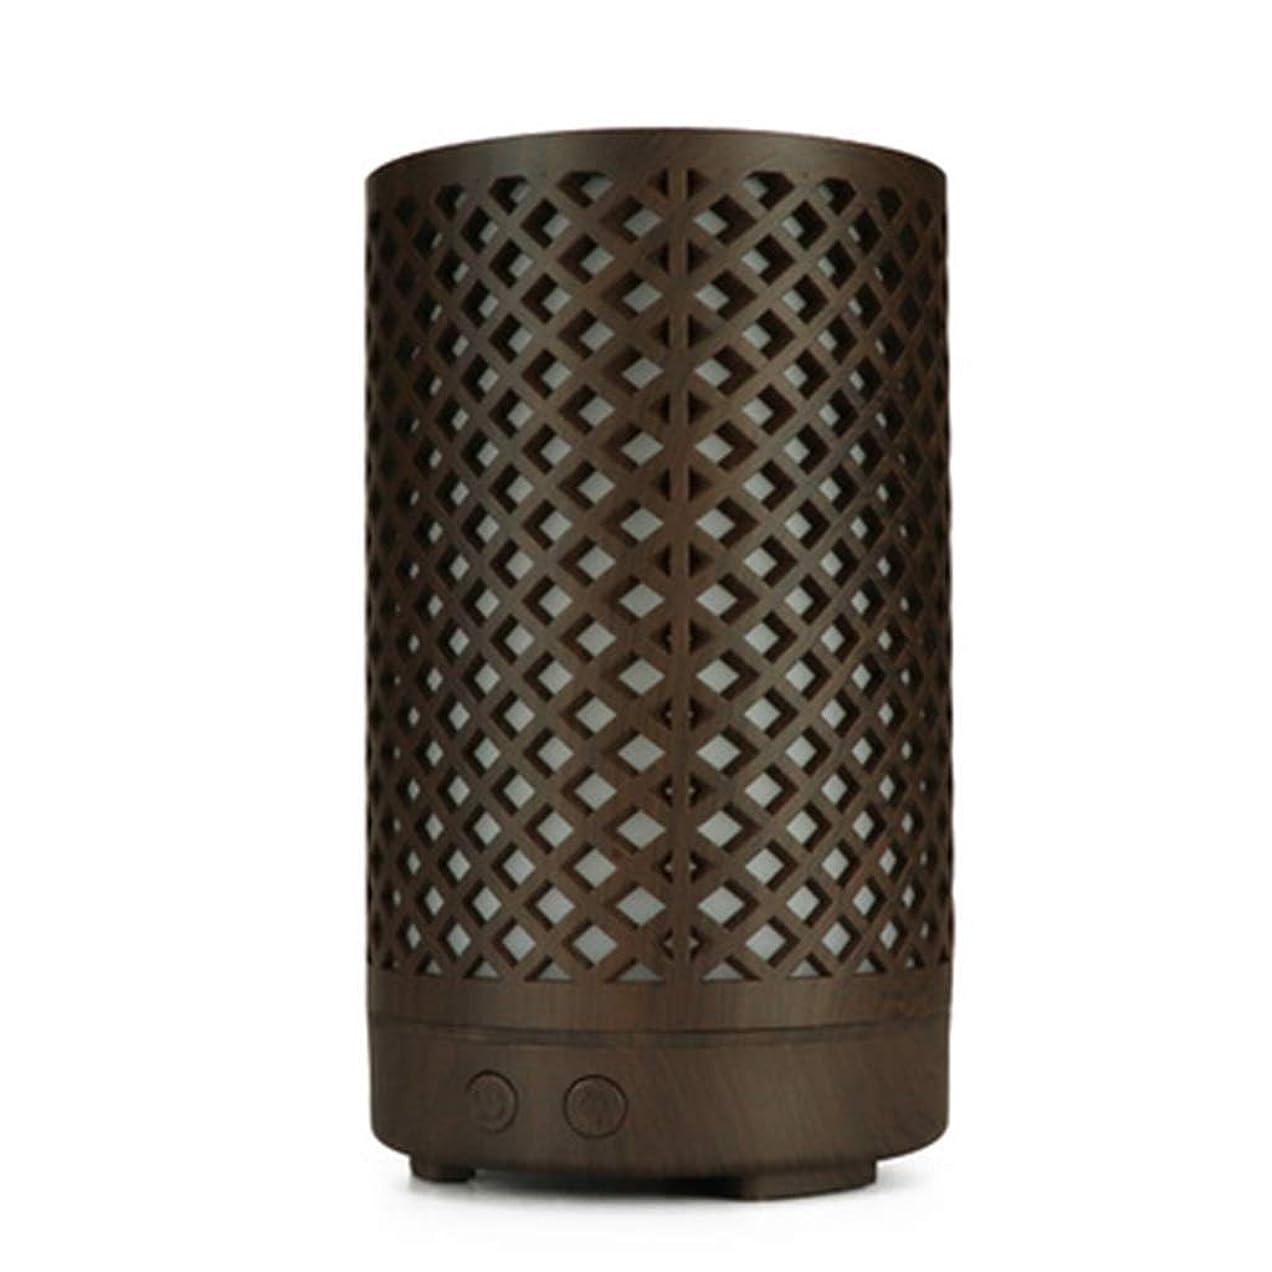 麻痺させる囲まれたしわ木目加湿器家庭用100ミリリットルミニデスクトップカラフルなアロマテラピーマシン (Color : Dark wood grain)